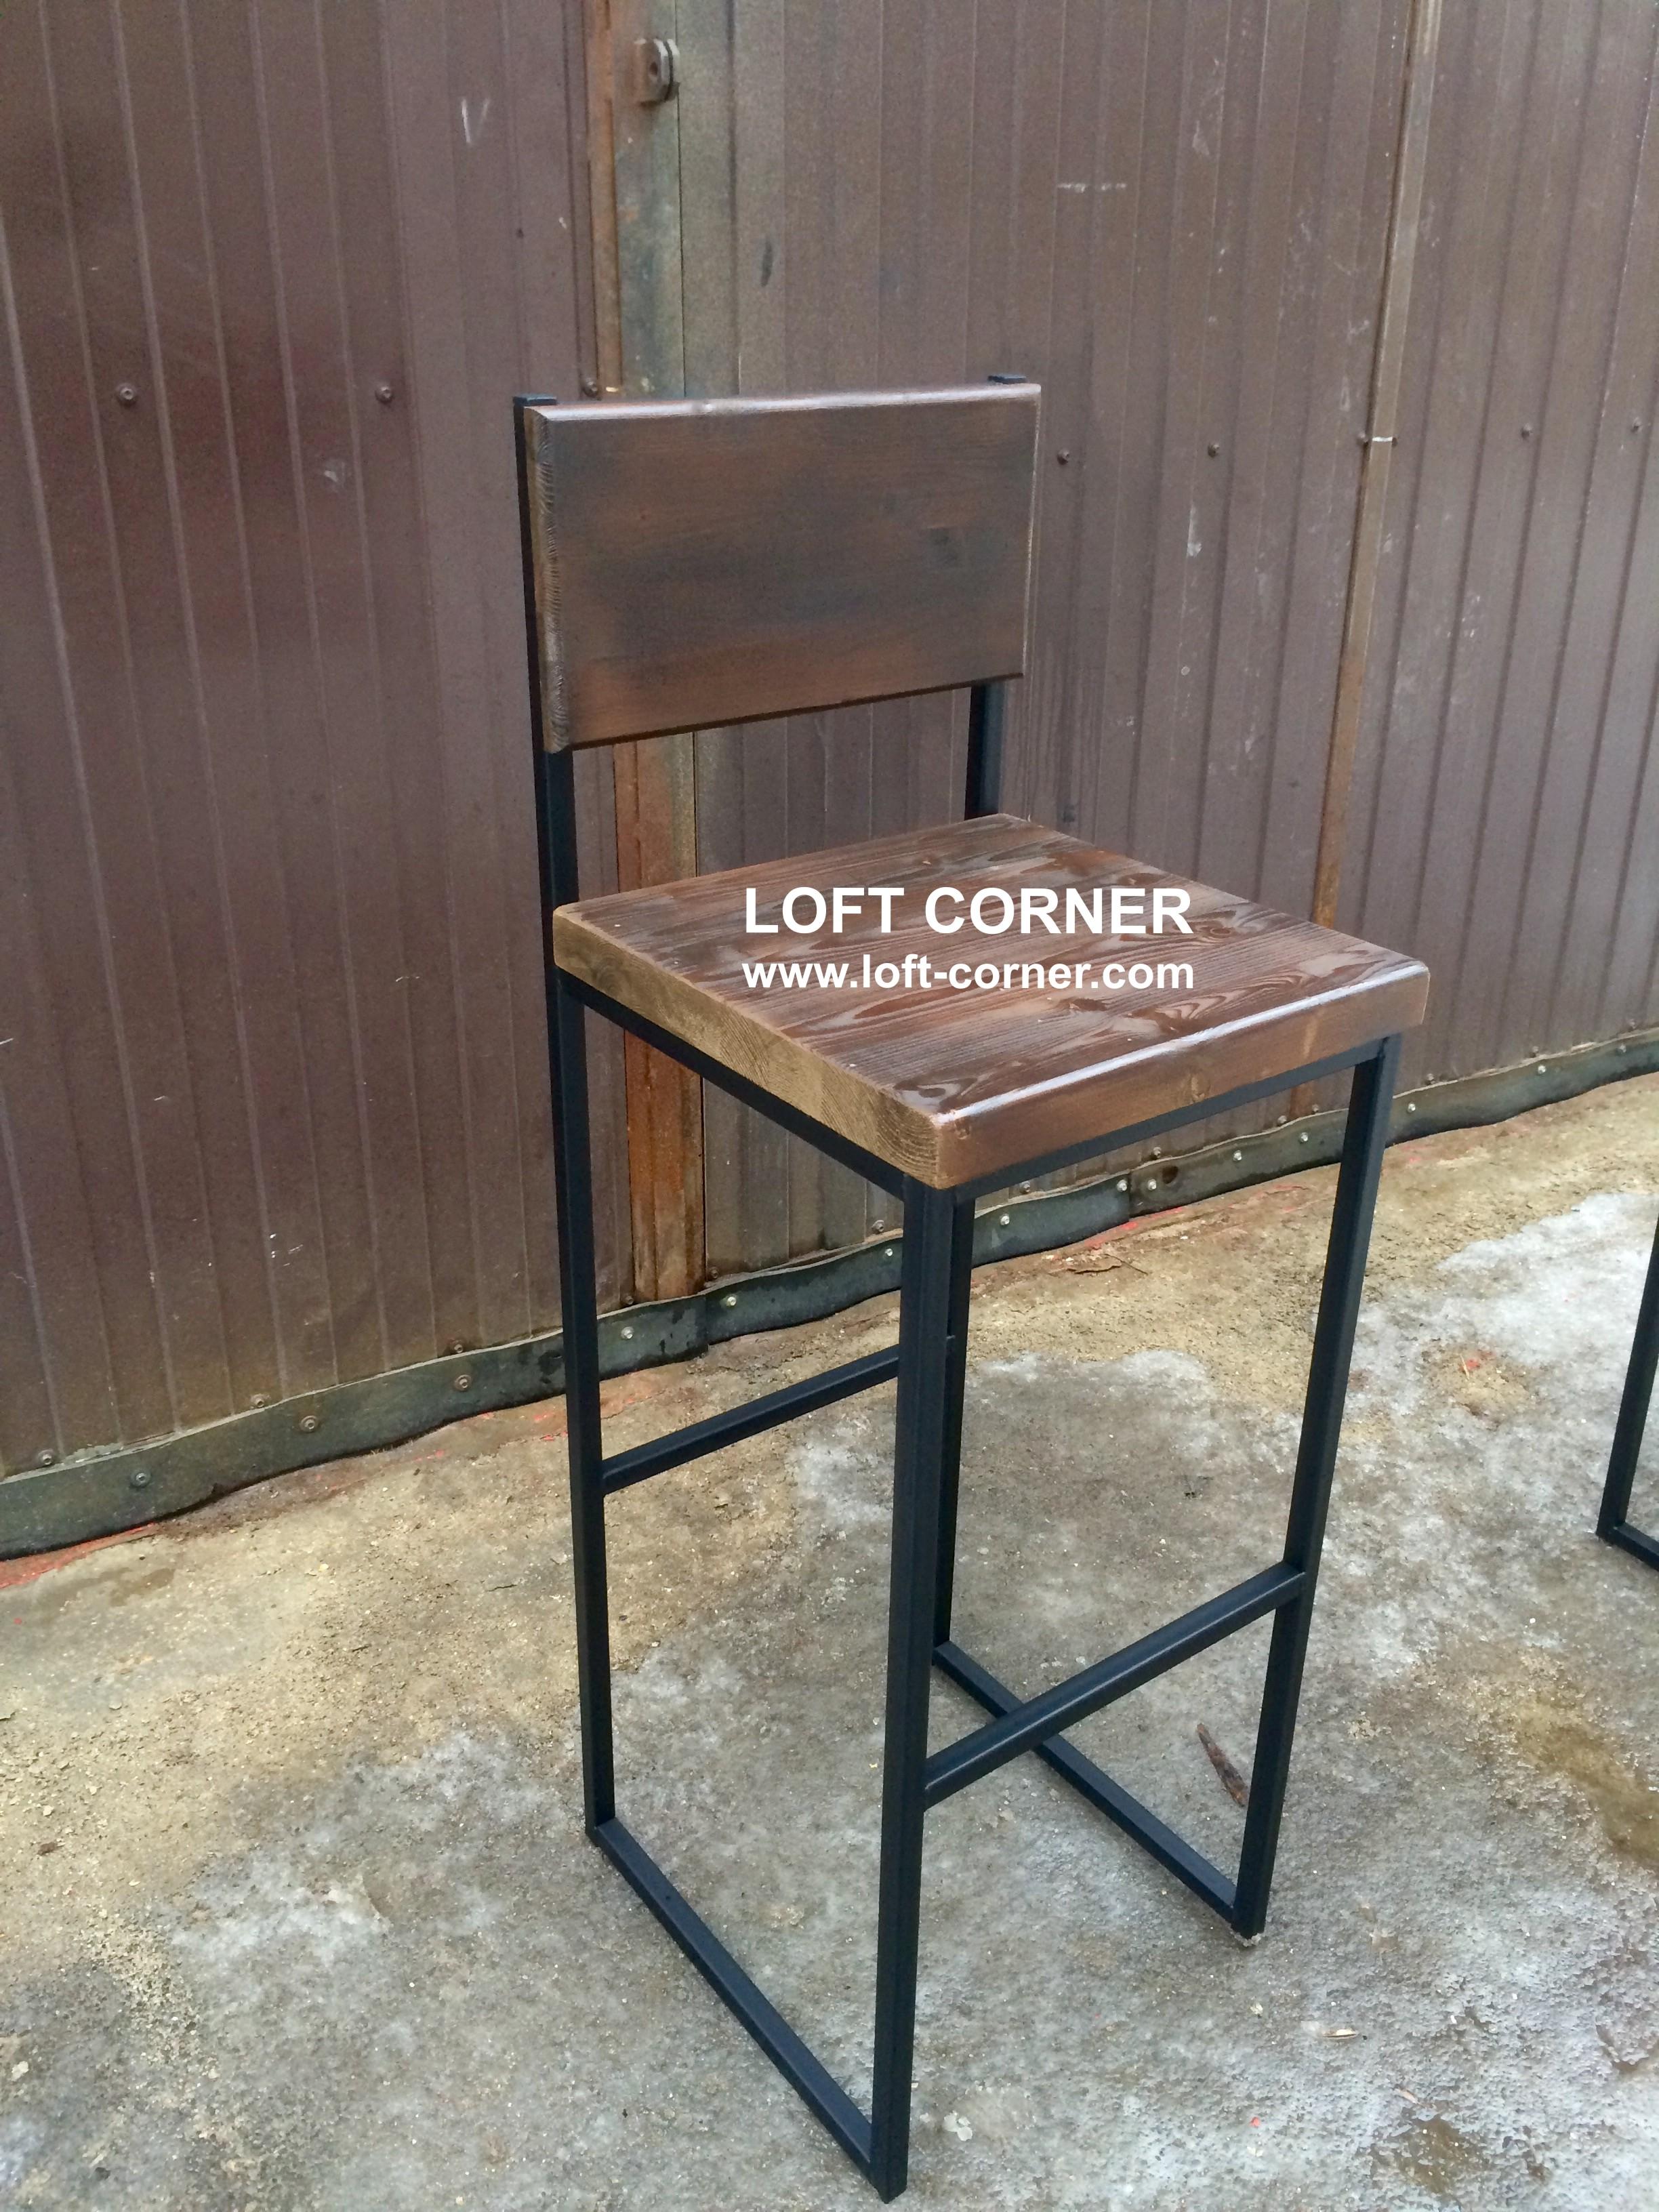 Мебель для бара лофт, барный стул индастриал, барный стул лофт, барный стул со спинкой лофт